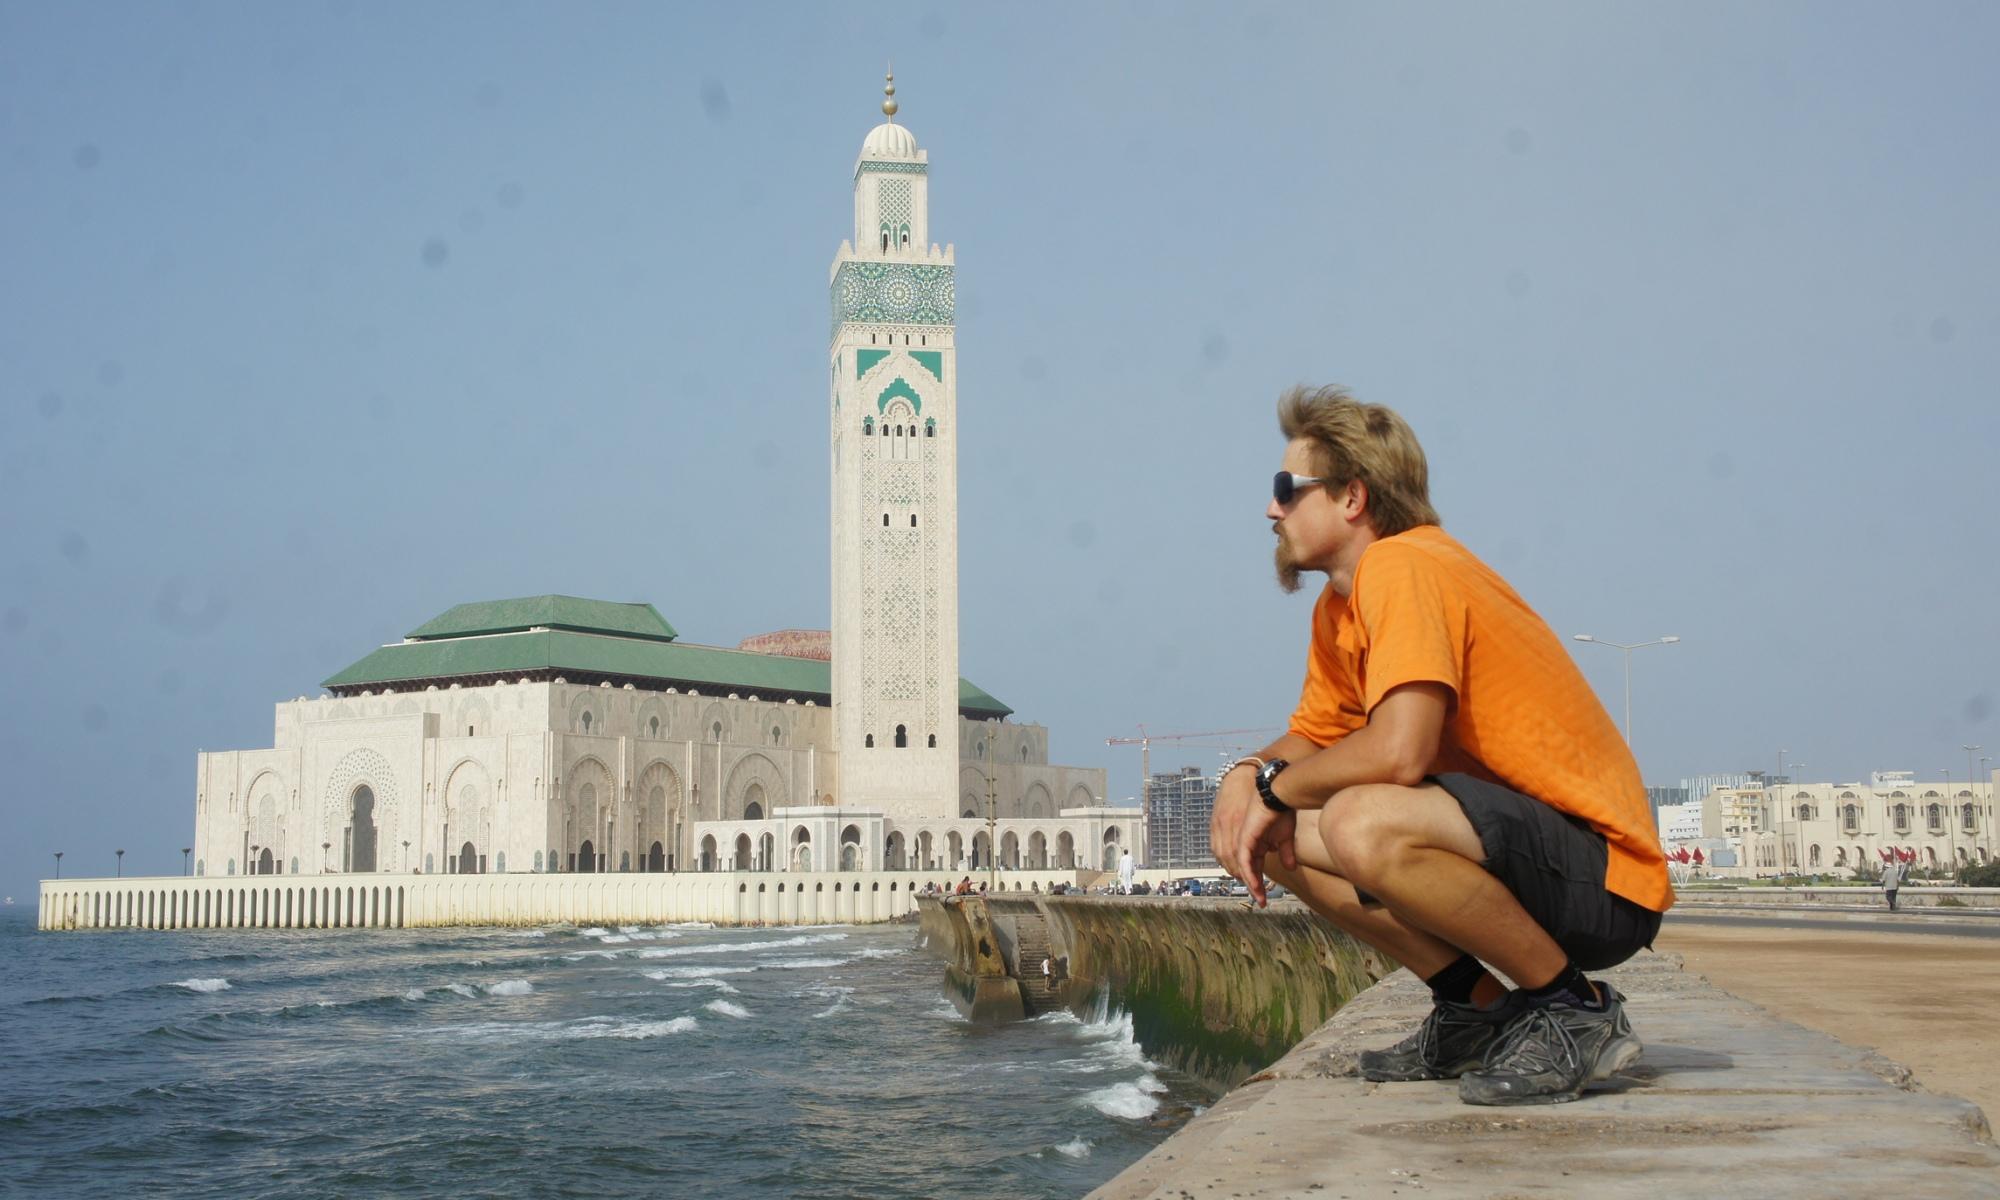 Chris in Casablanca